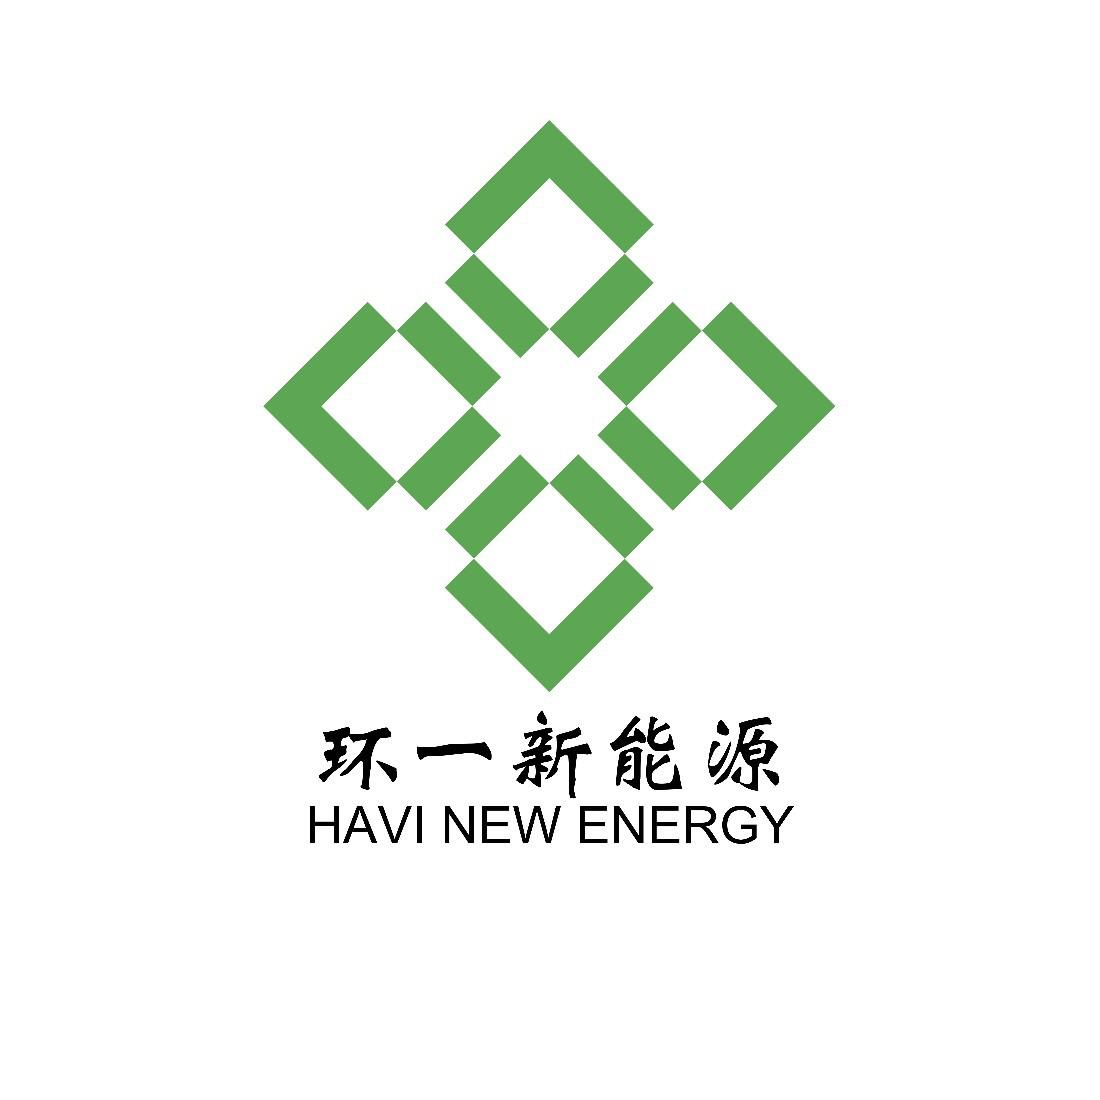 深圳市環一新能源有限公司